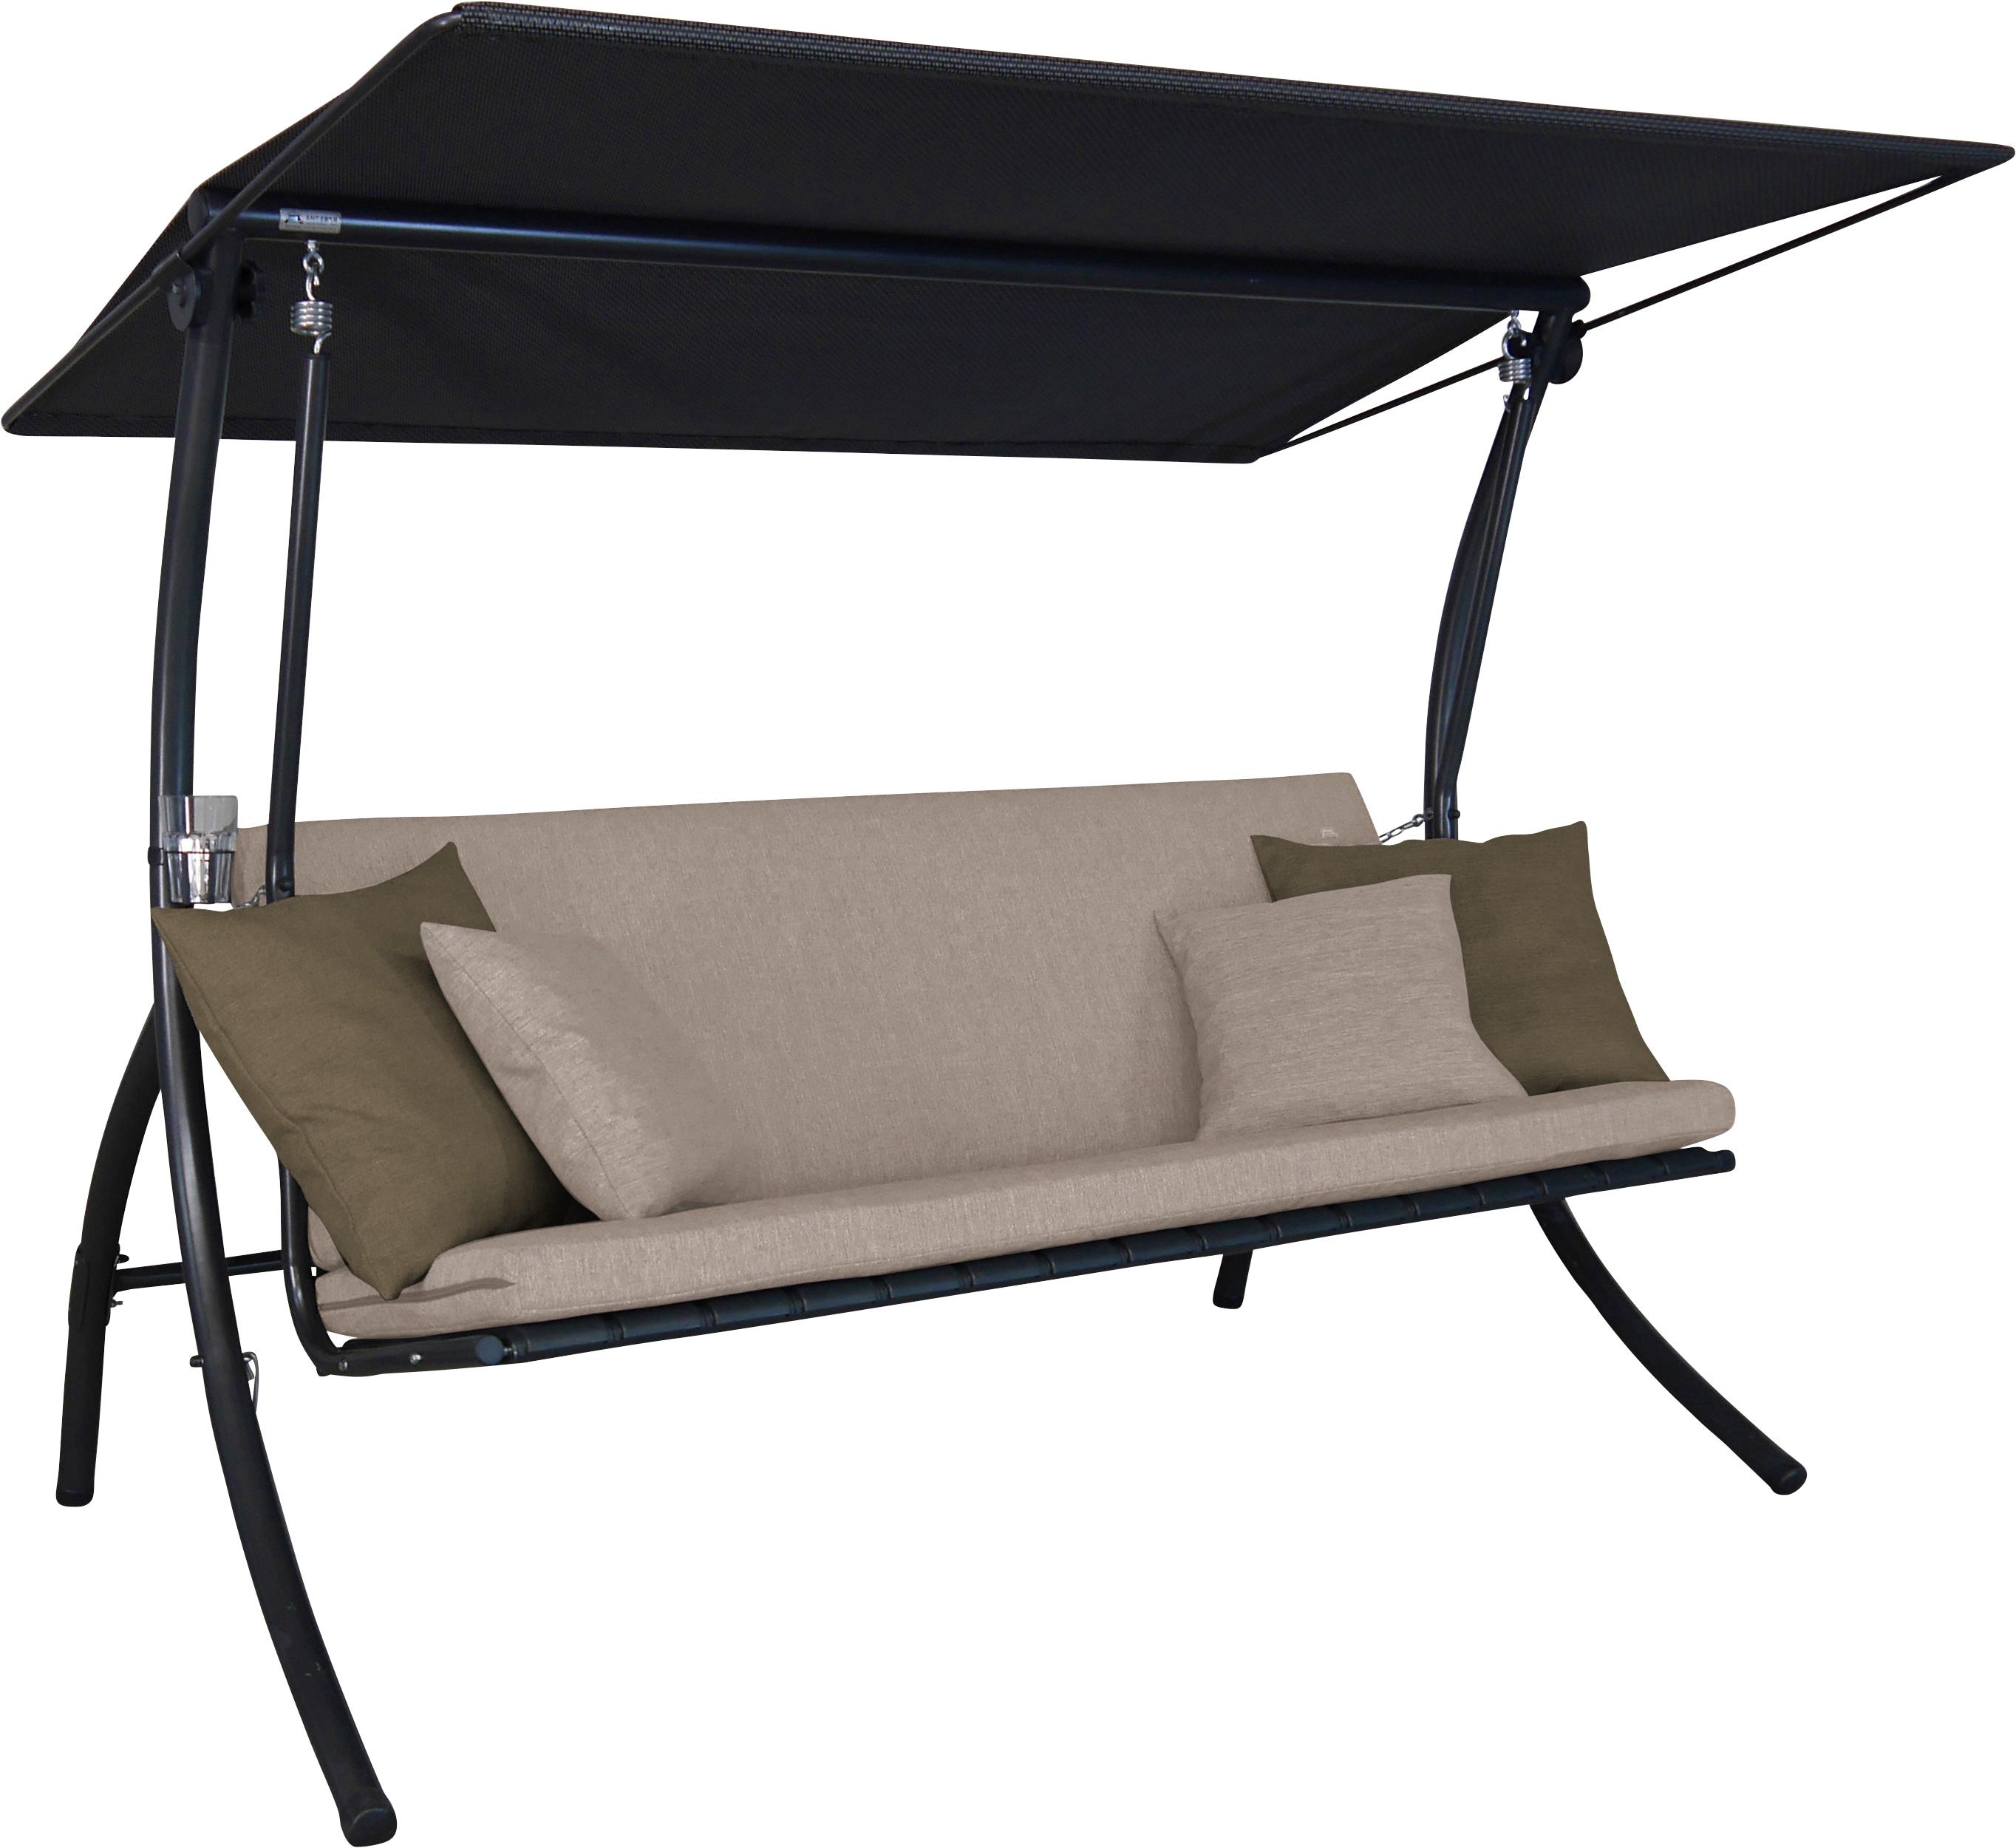 Angerer Freizeitmöbel Hollywoodschaukel Motion Smart sand braun Hollywoodschaukeln Gartenmöbel Gartendeko